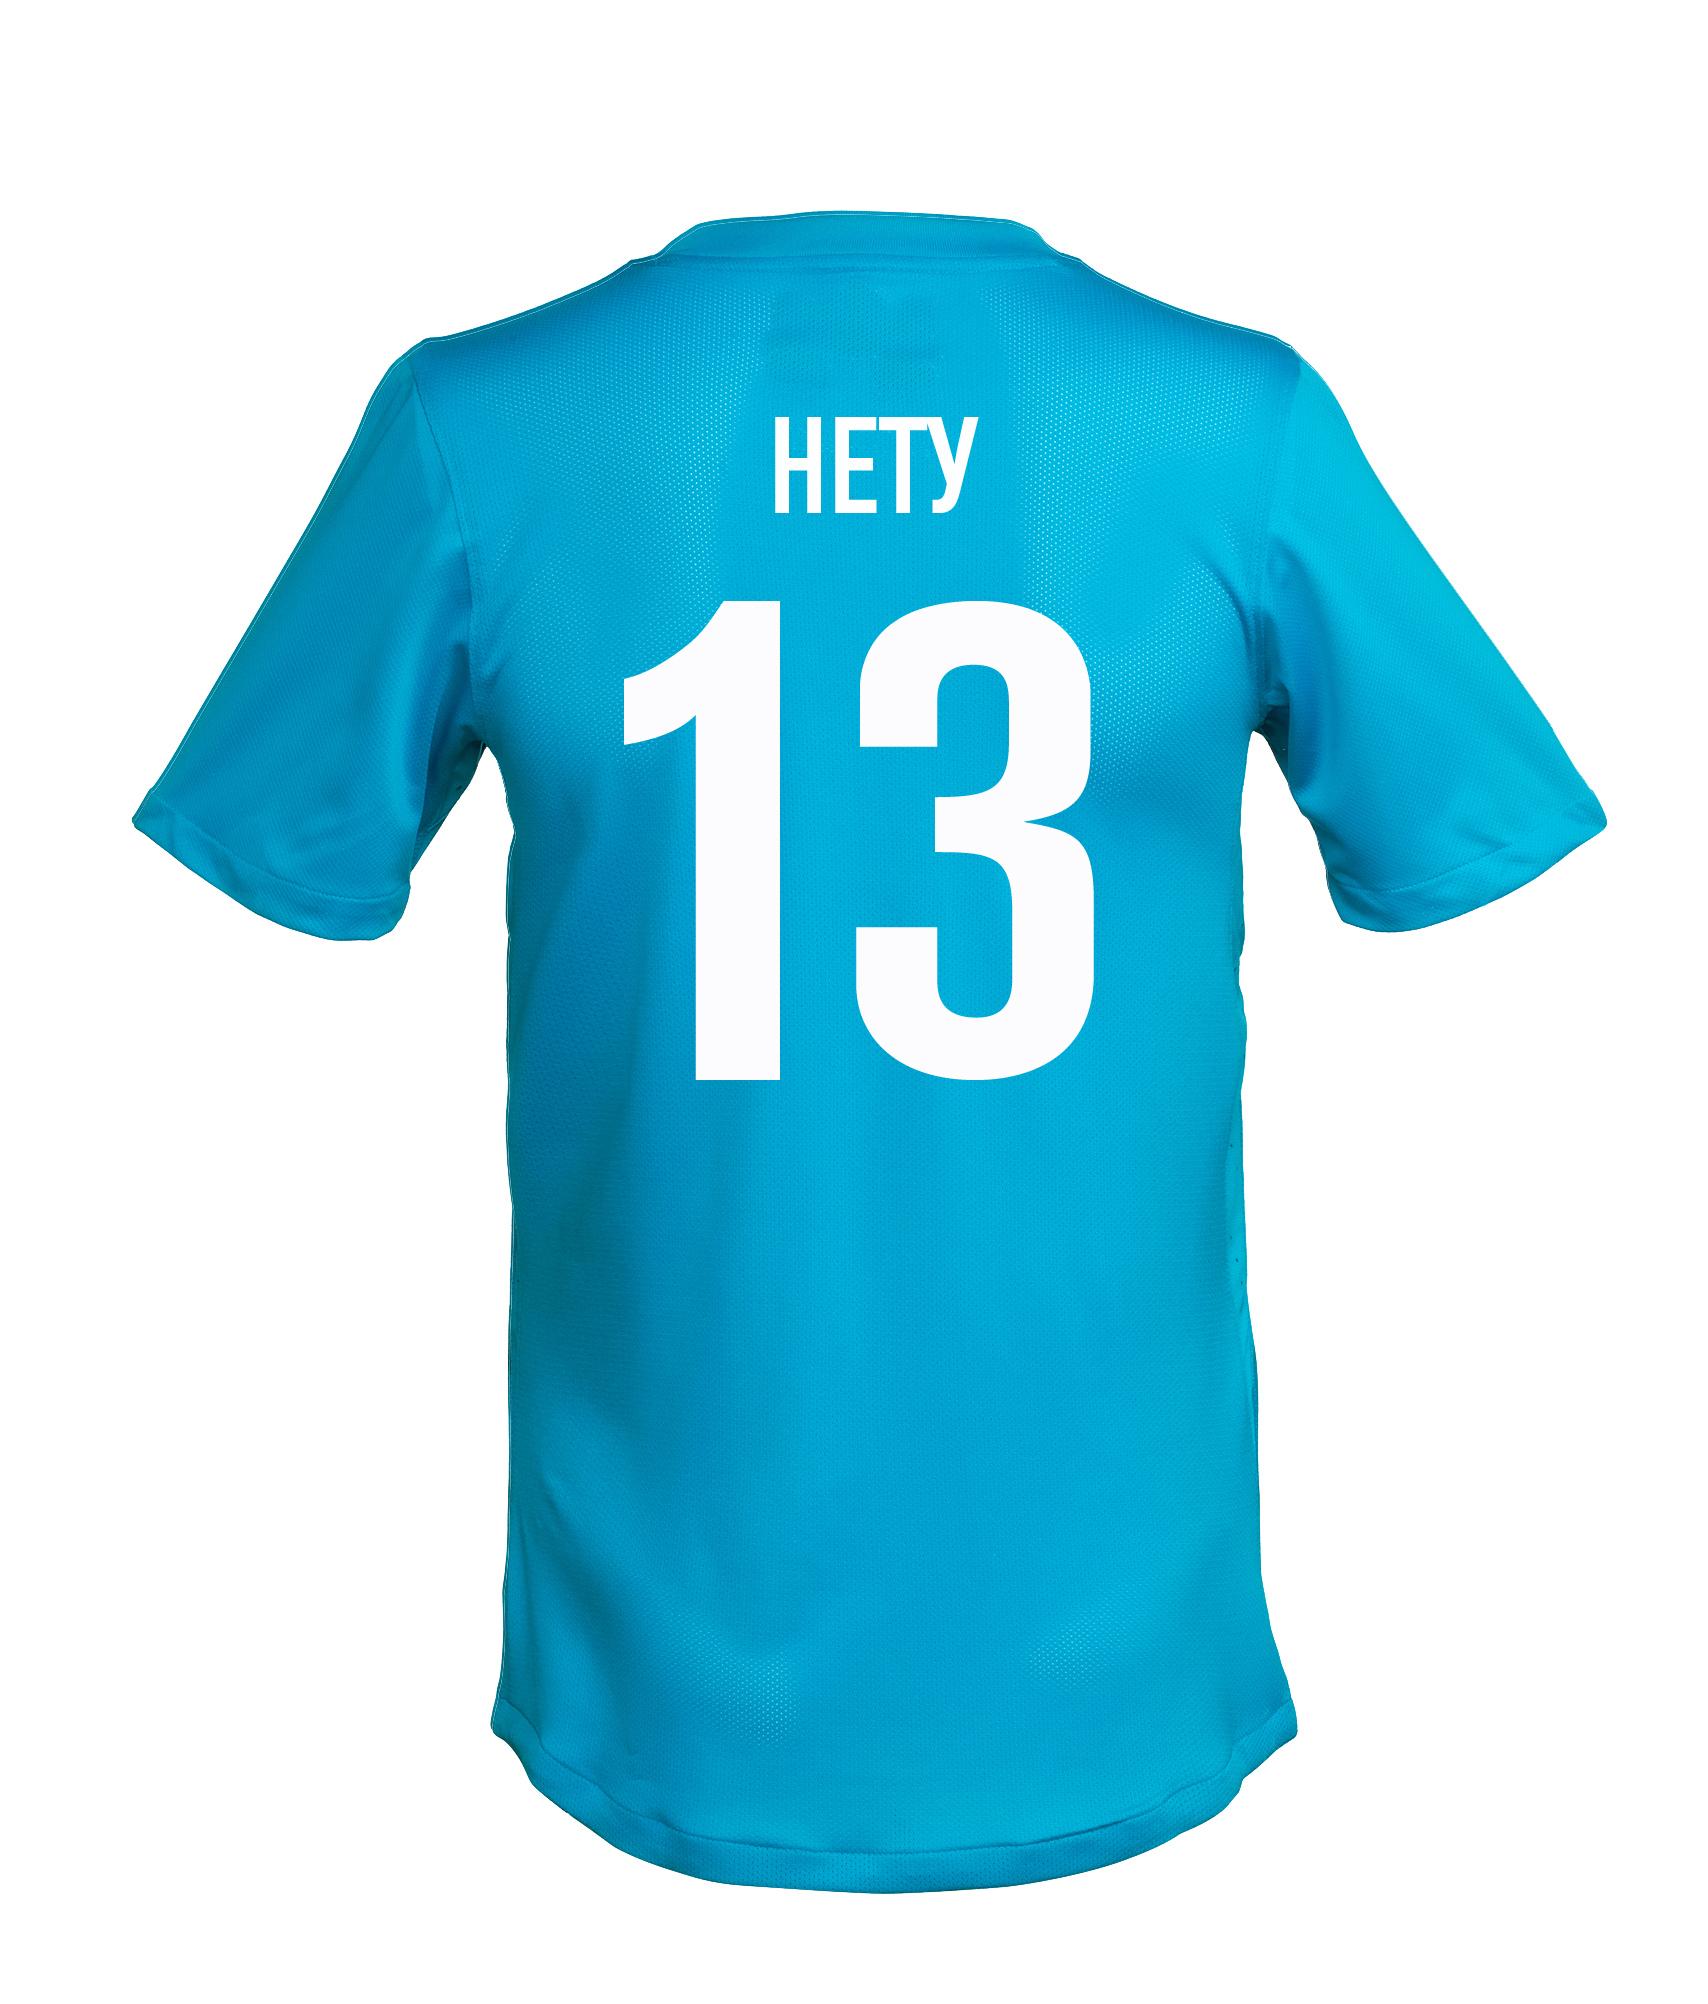 Игровая футболка с фамилией и номером Л. Нету, Цвет-Синий, Размер-XL